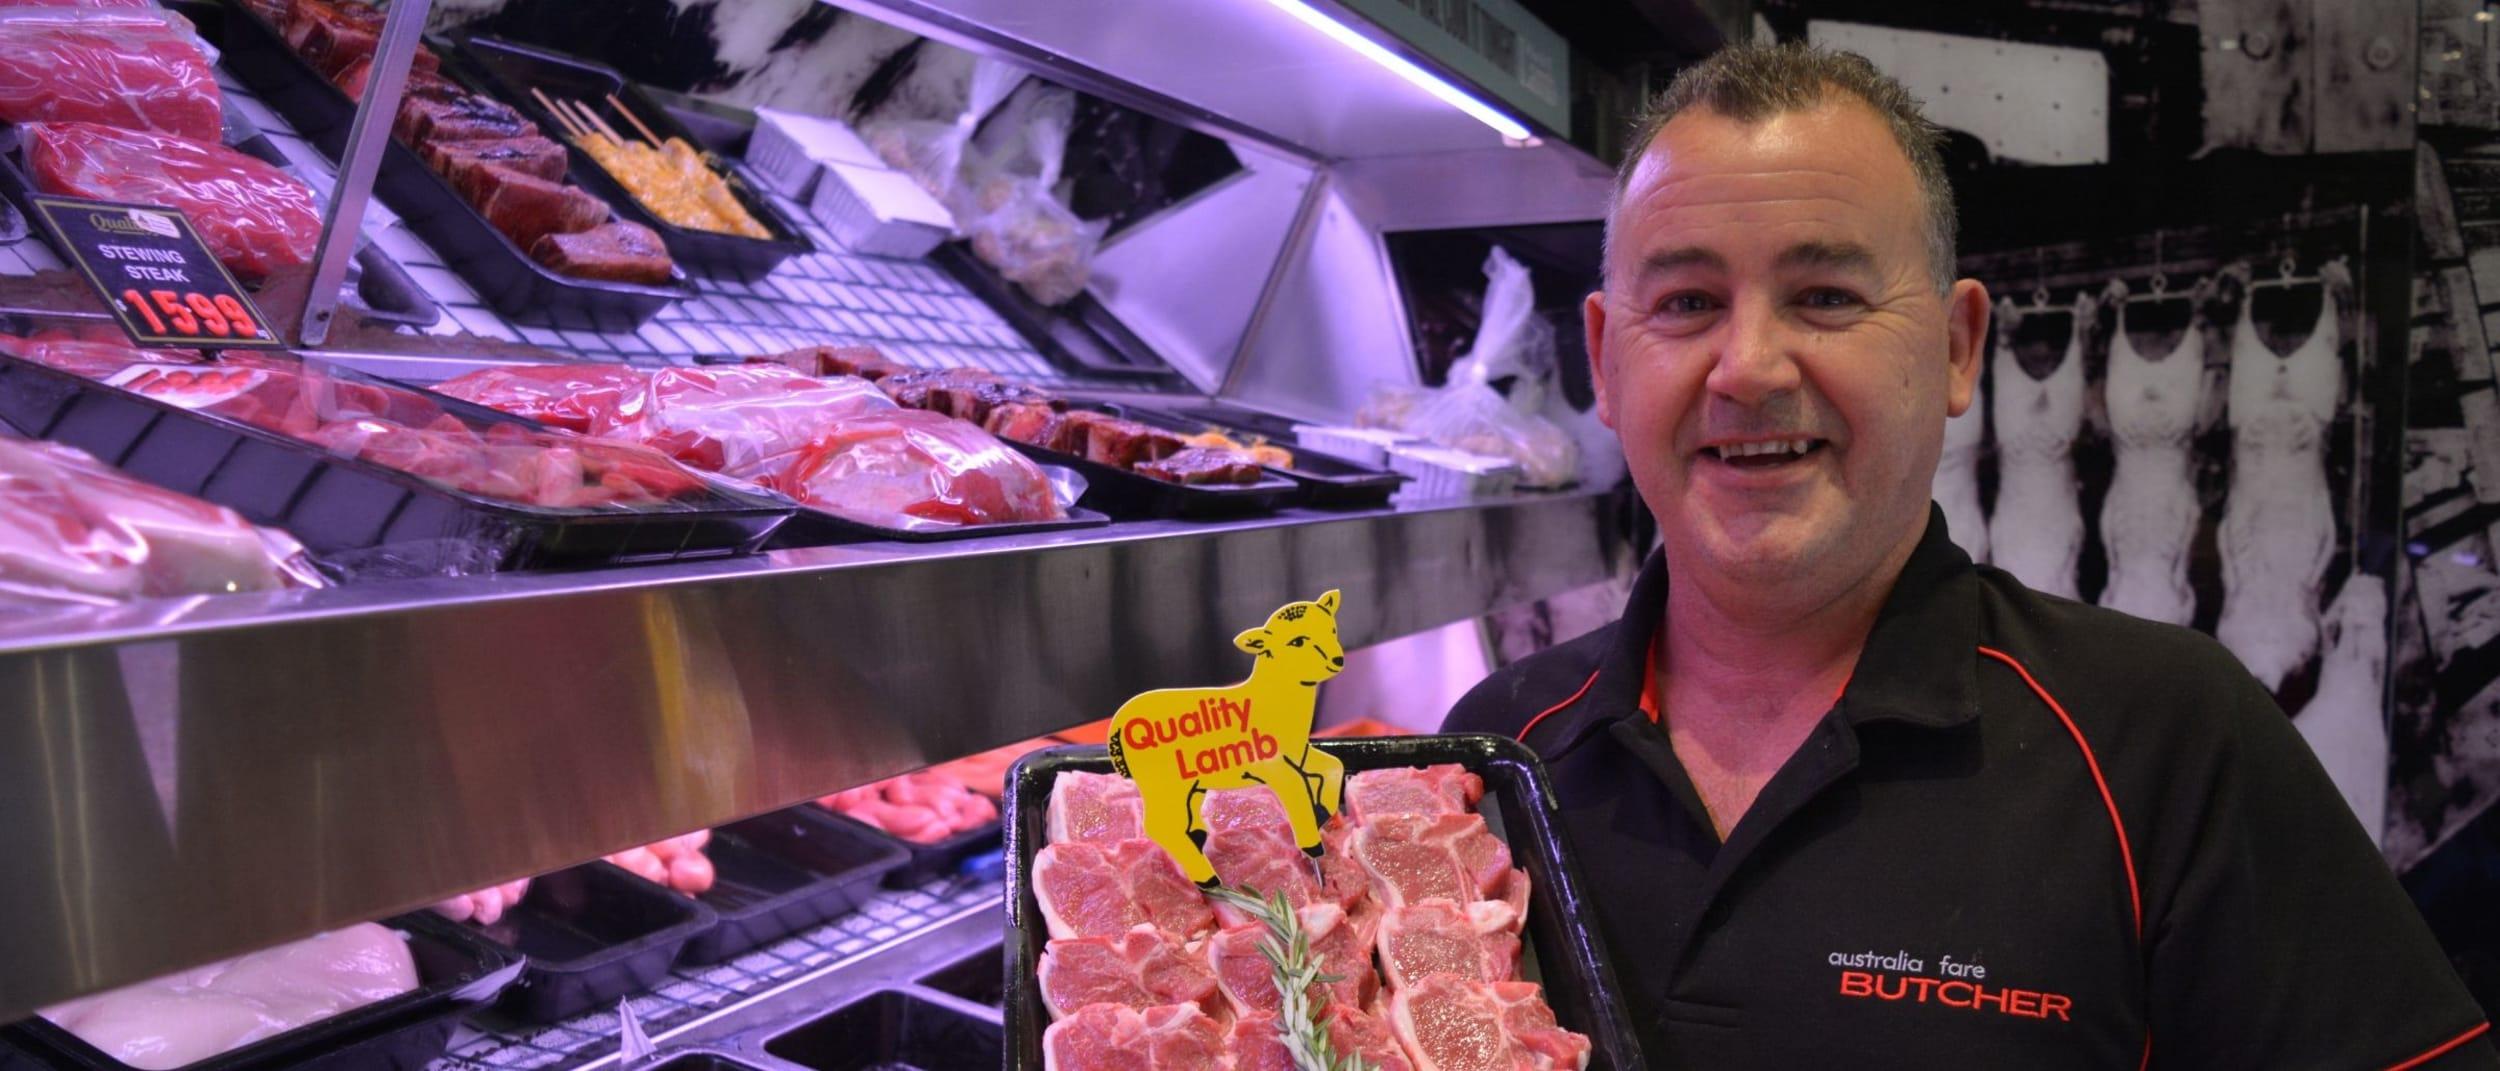 Australia Fare Butcher: advancing a legacy